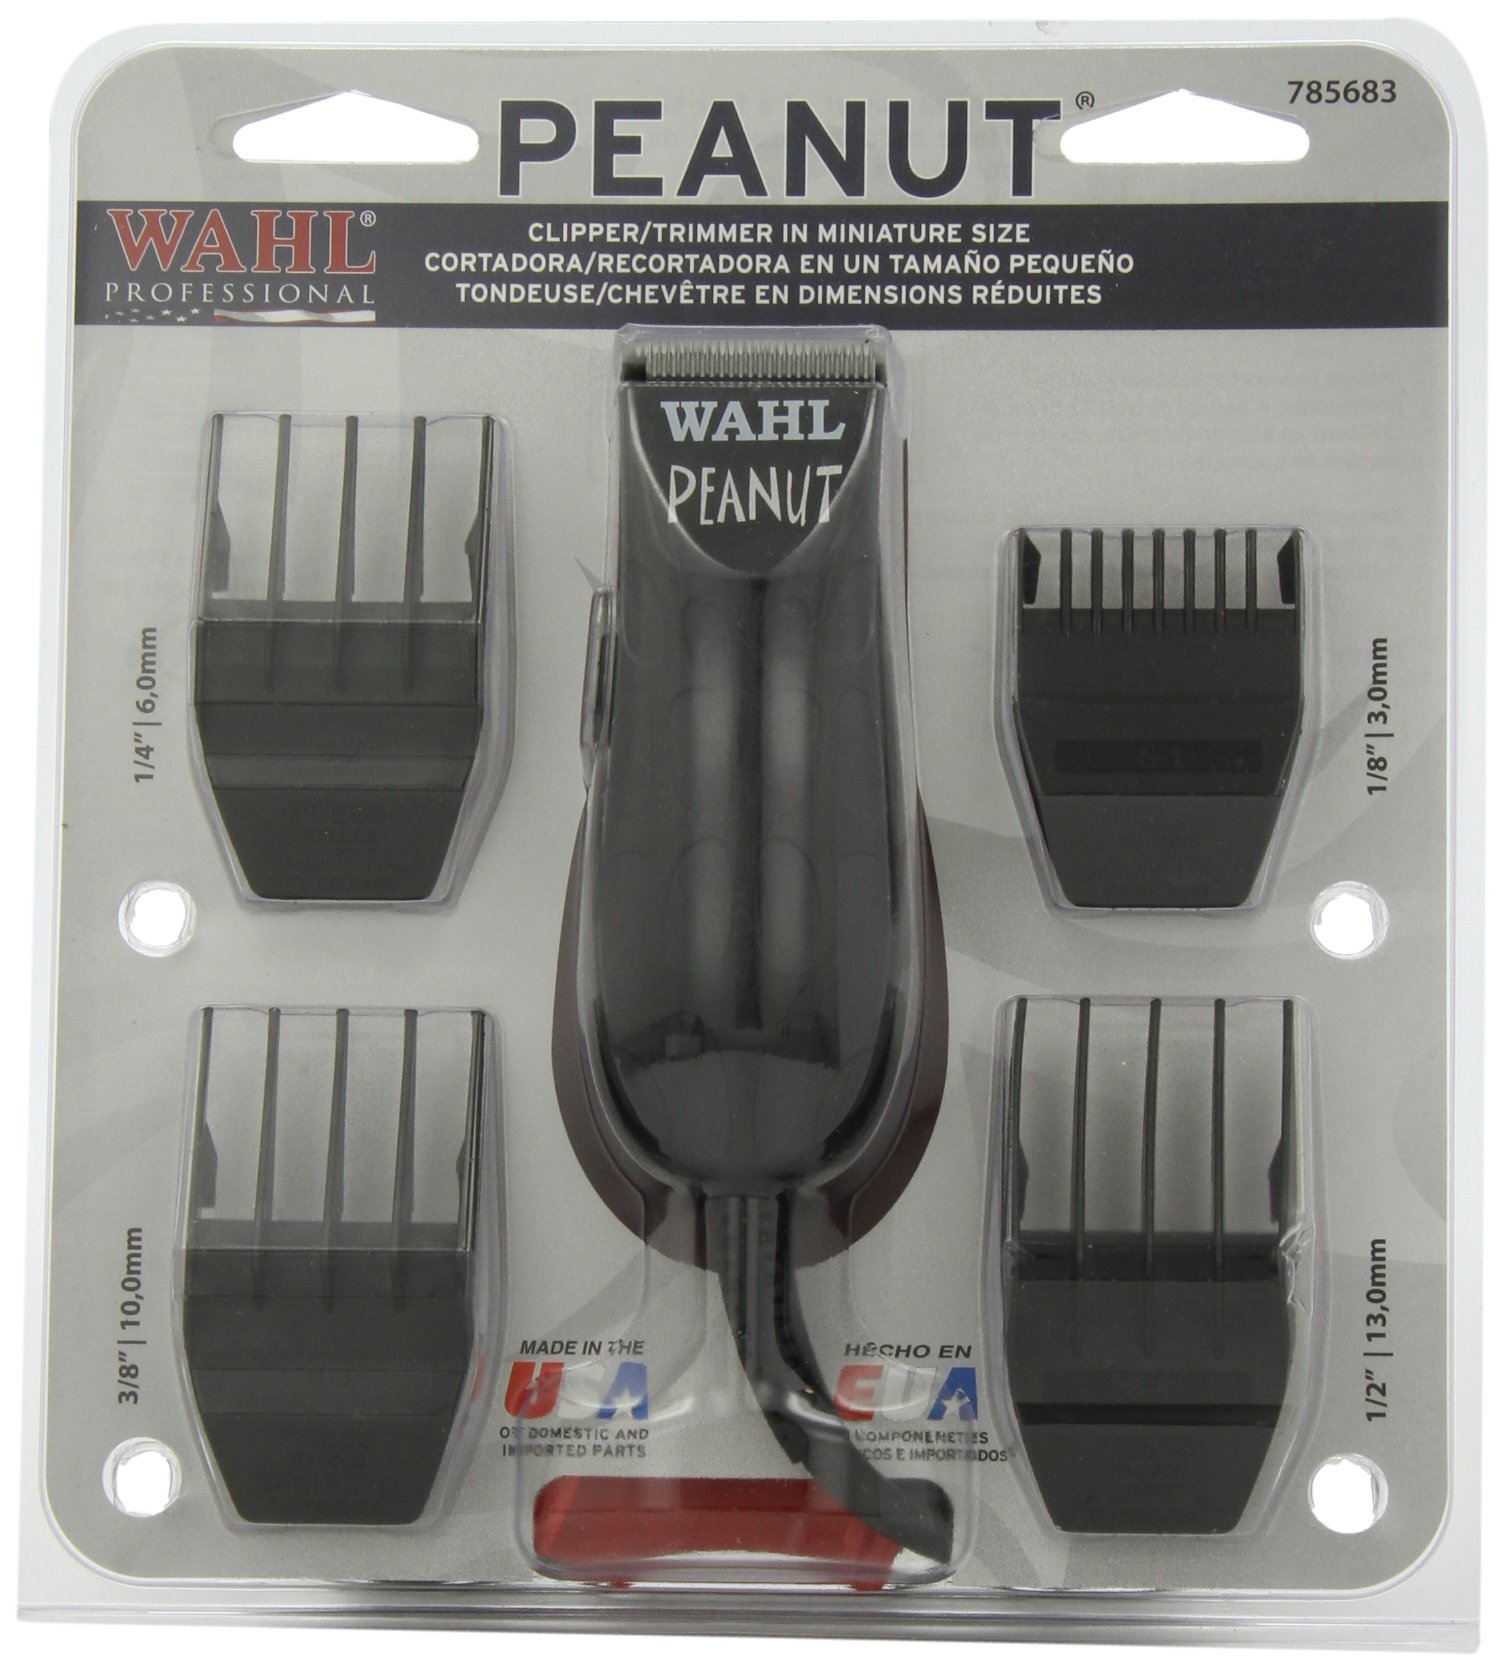 wahl professional 8655 200 peanut clipper trimmer black ebay. Black Bedroom Furniture Sets. Home Design Ideas